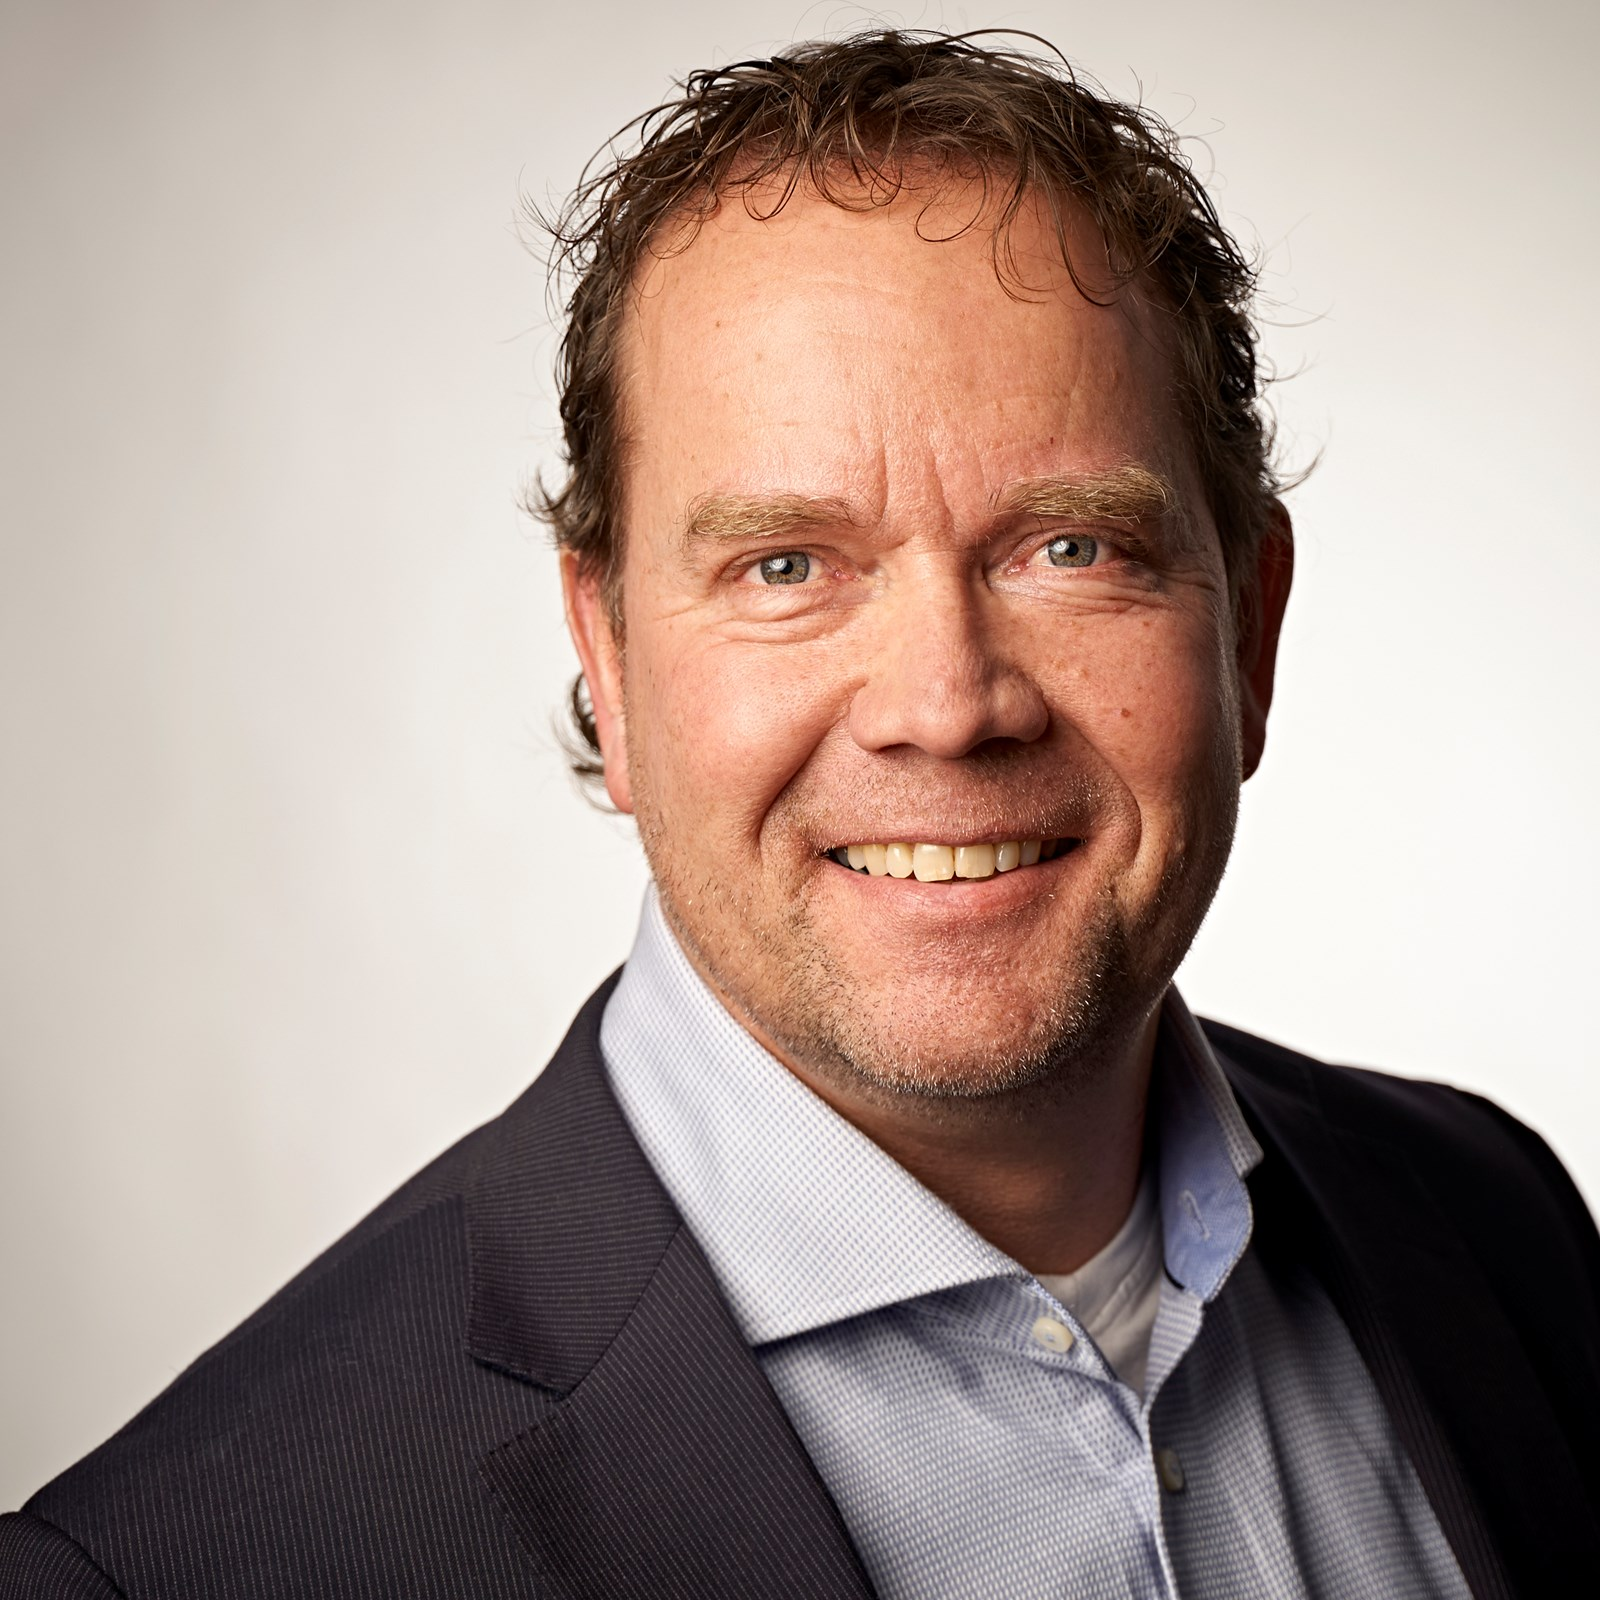 Foto van Pieter Gijsbertse